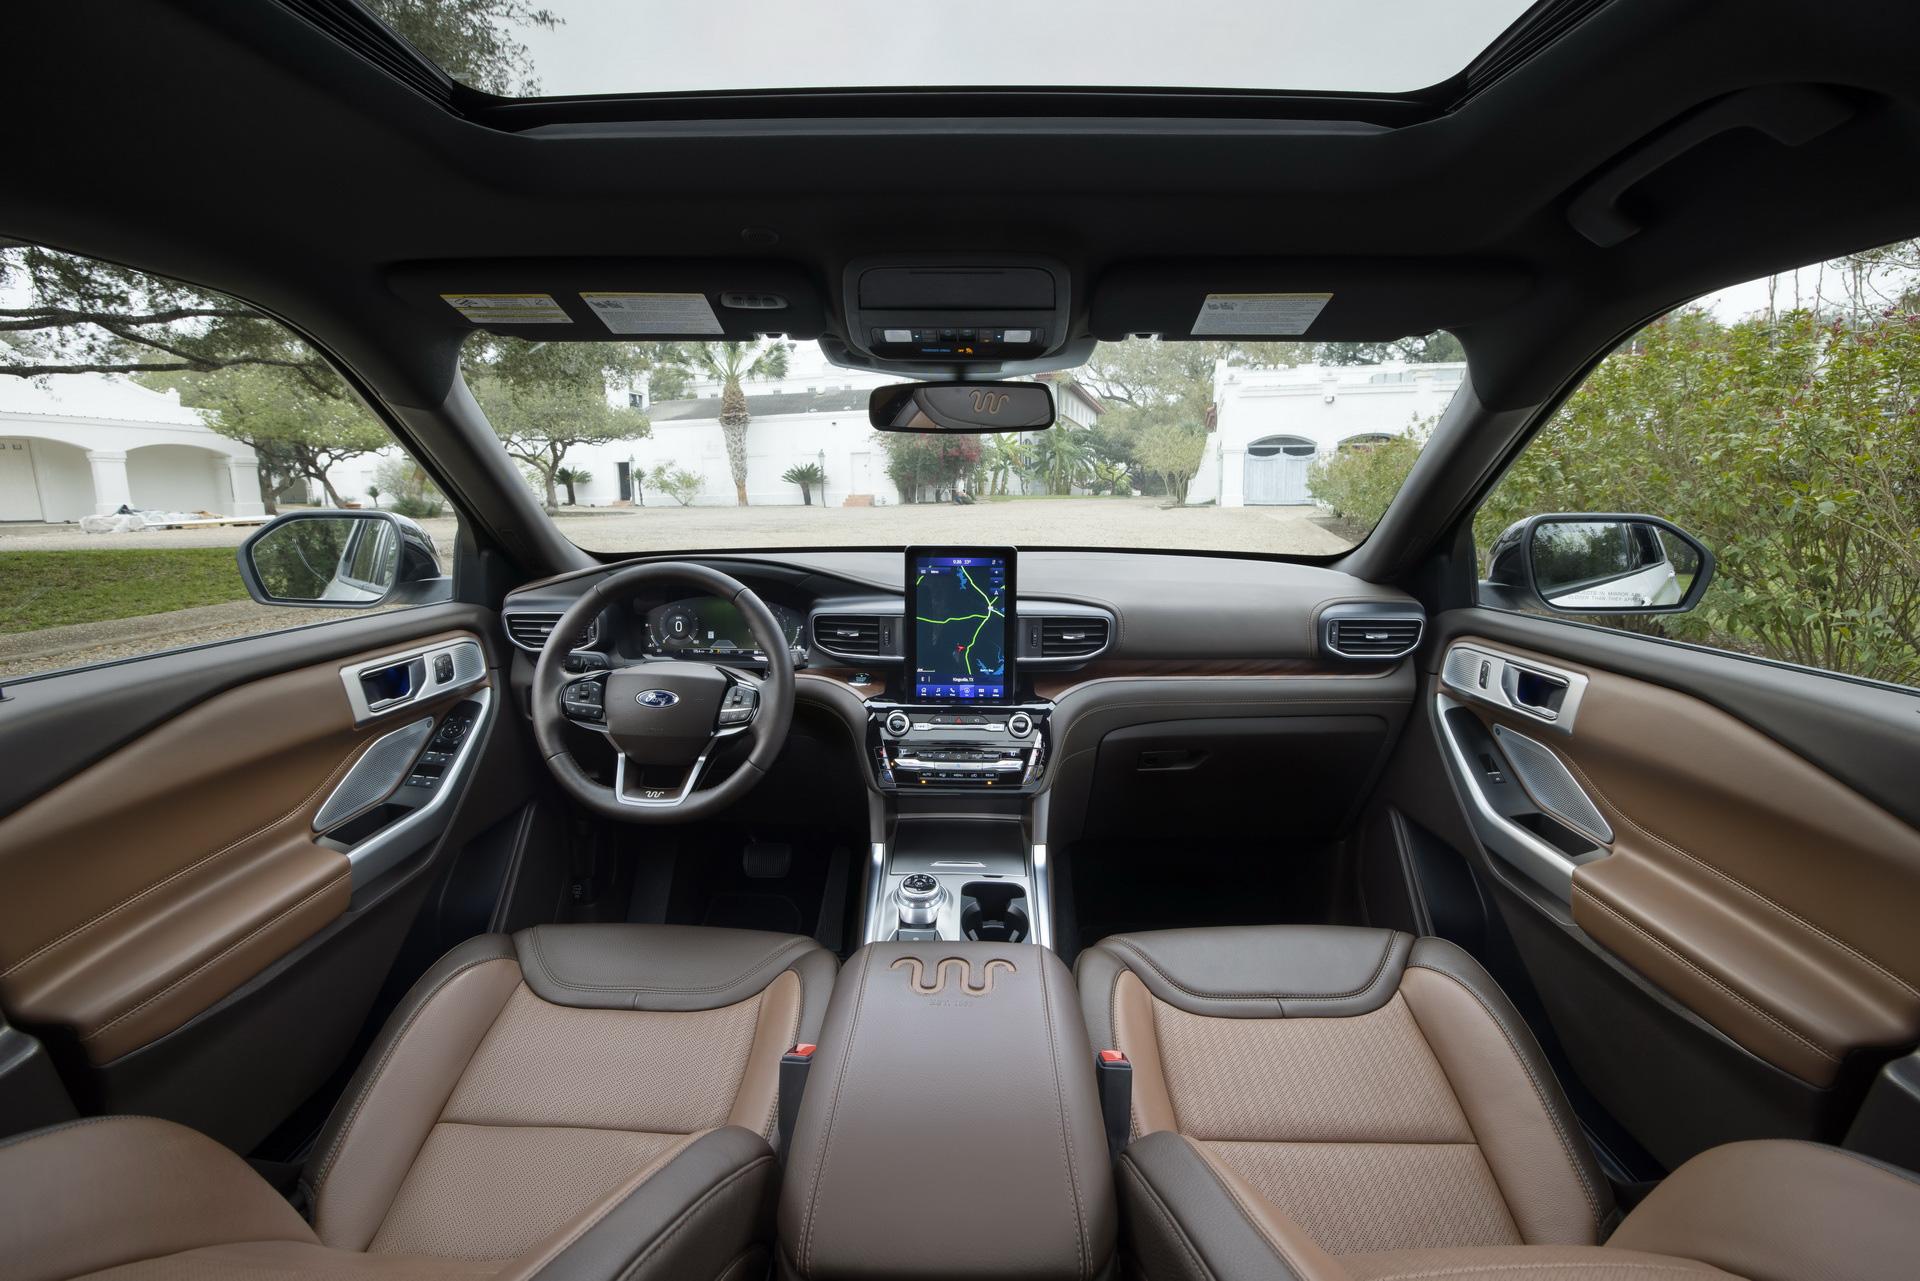 Ford tung dòng SUV khiến Honda CR-V, Mazda CX-5 lo lắng - Ảnh 1.